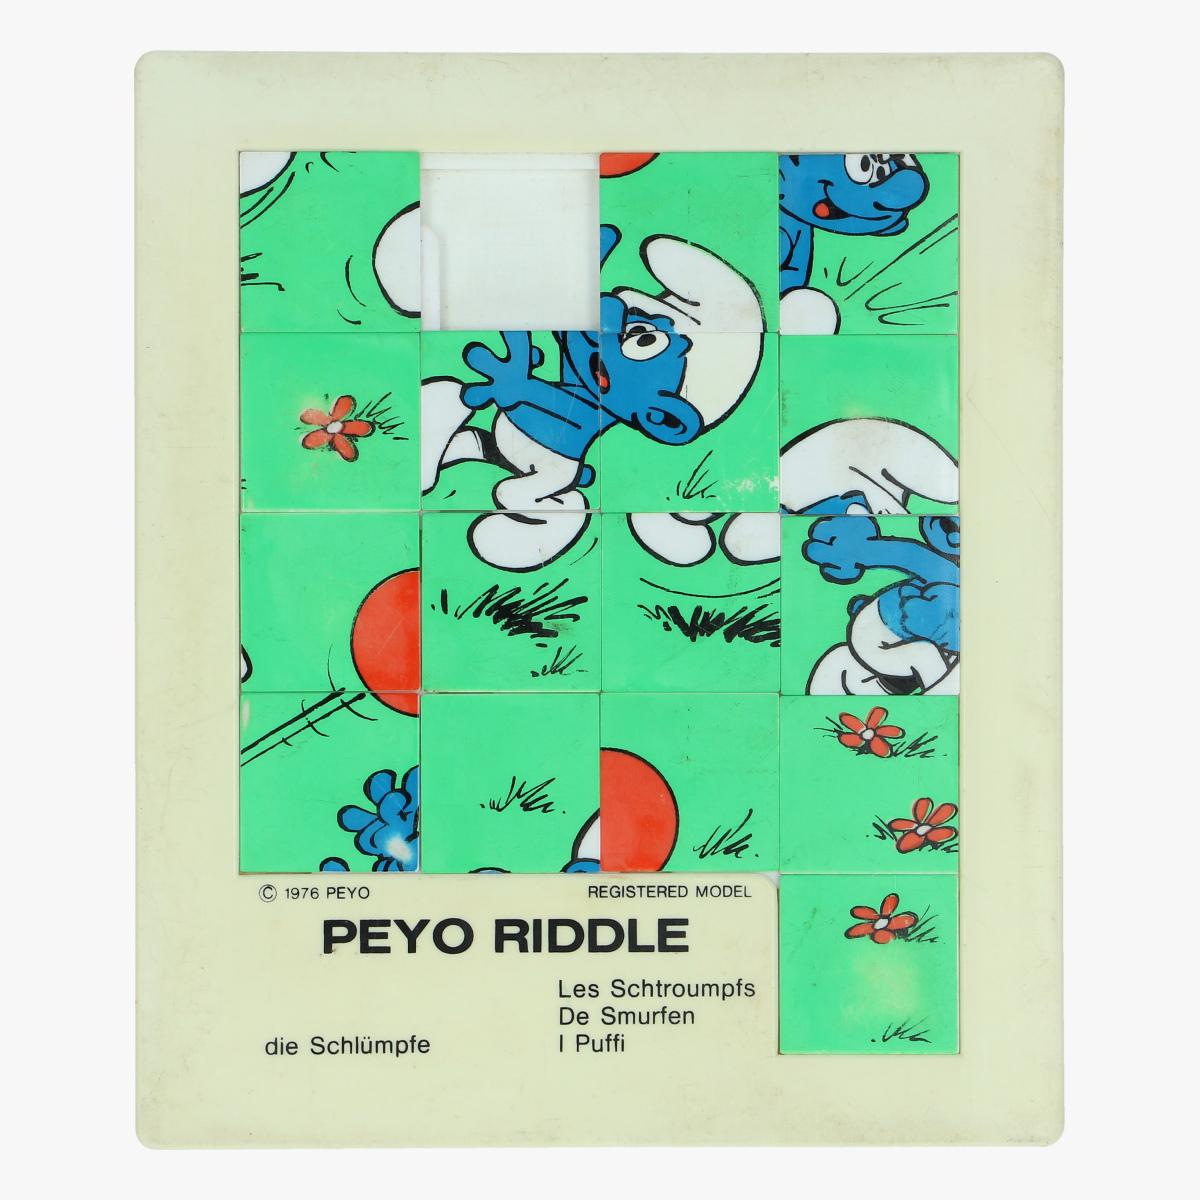 Afbeeldingen van de smurfen peyo riddle 1976 made in belgium